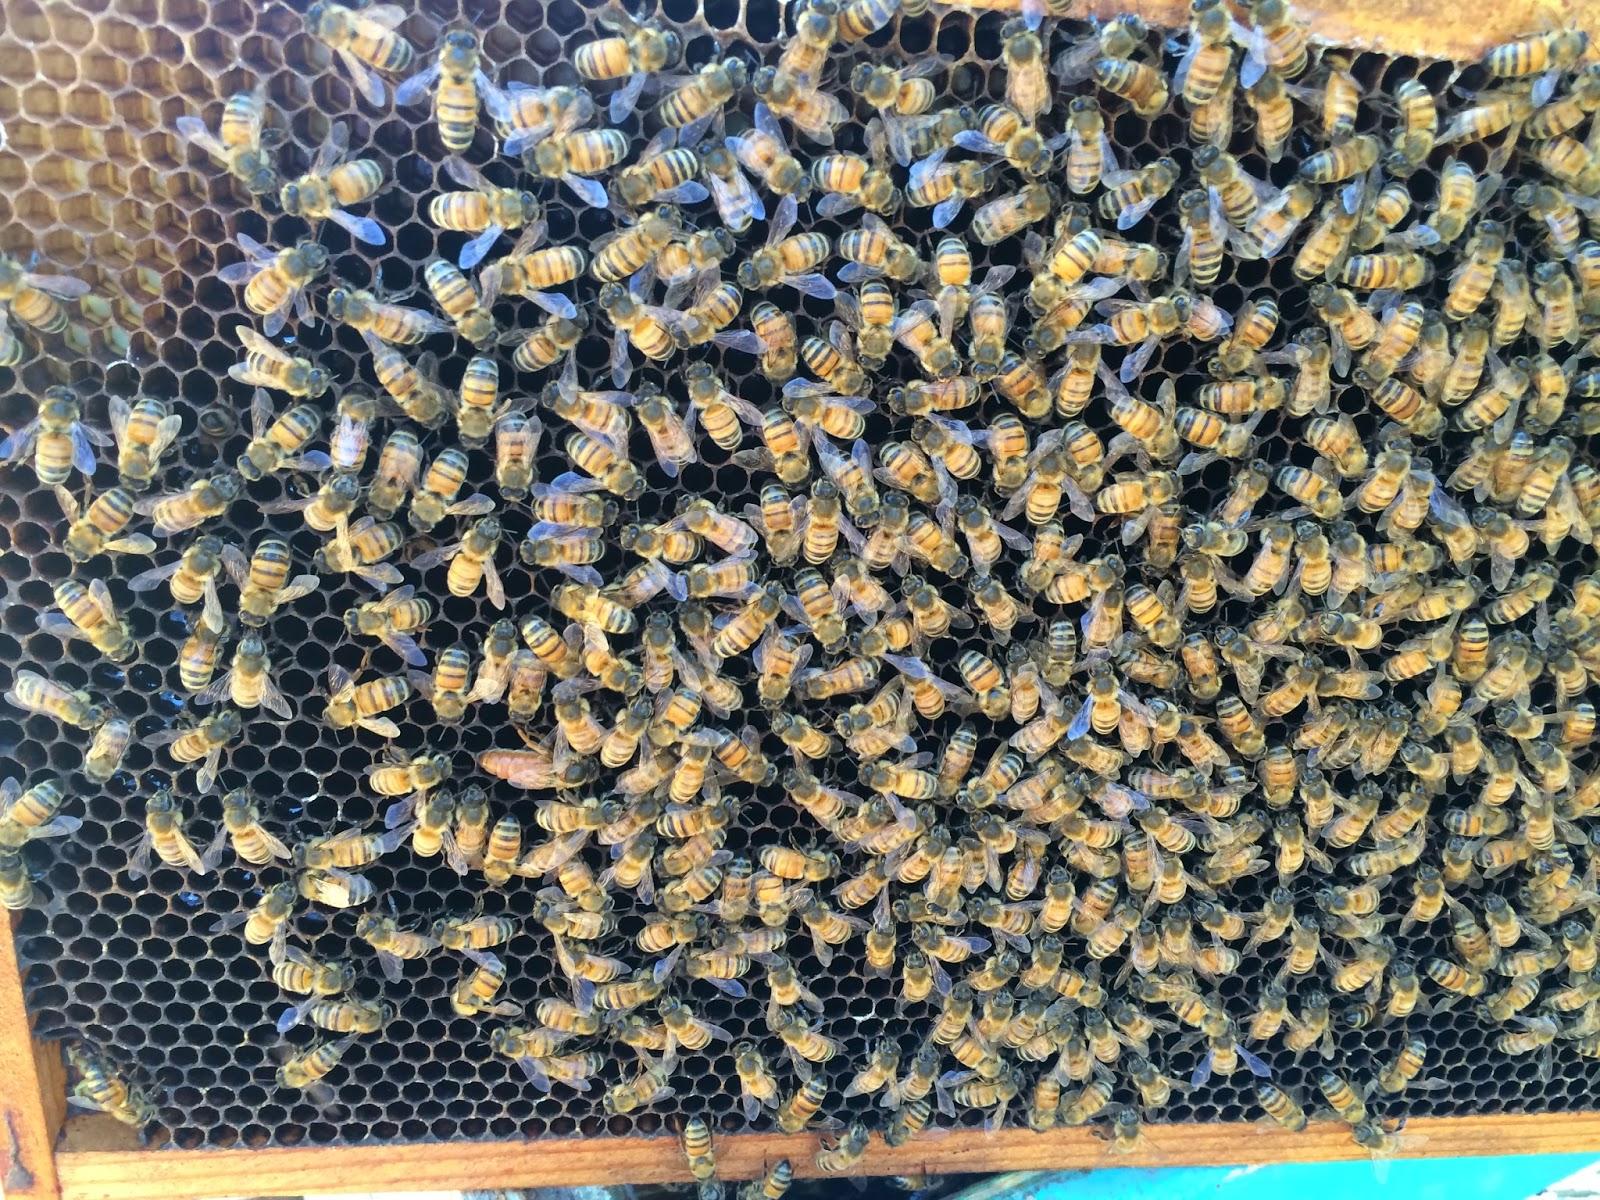 Golden Queen Bee on Older Comb